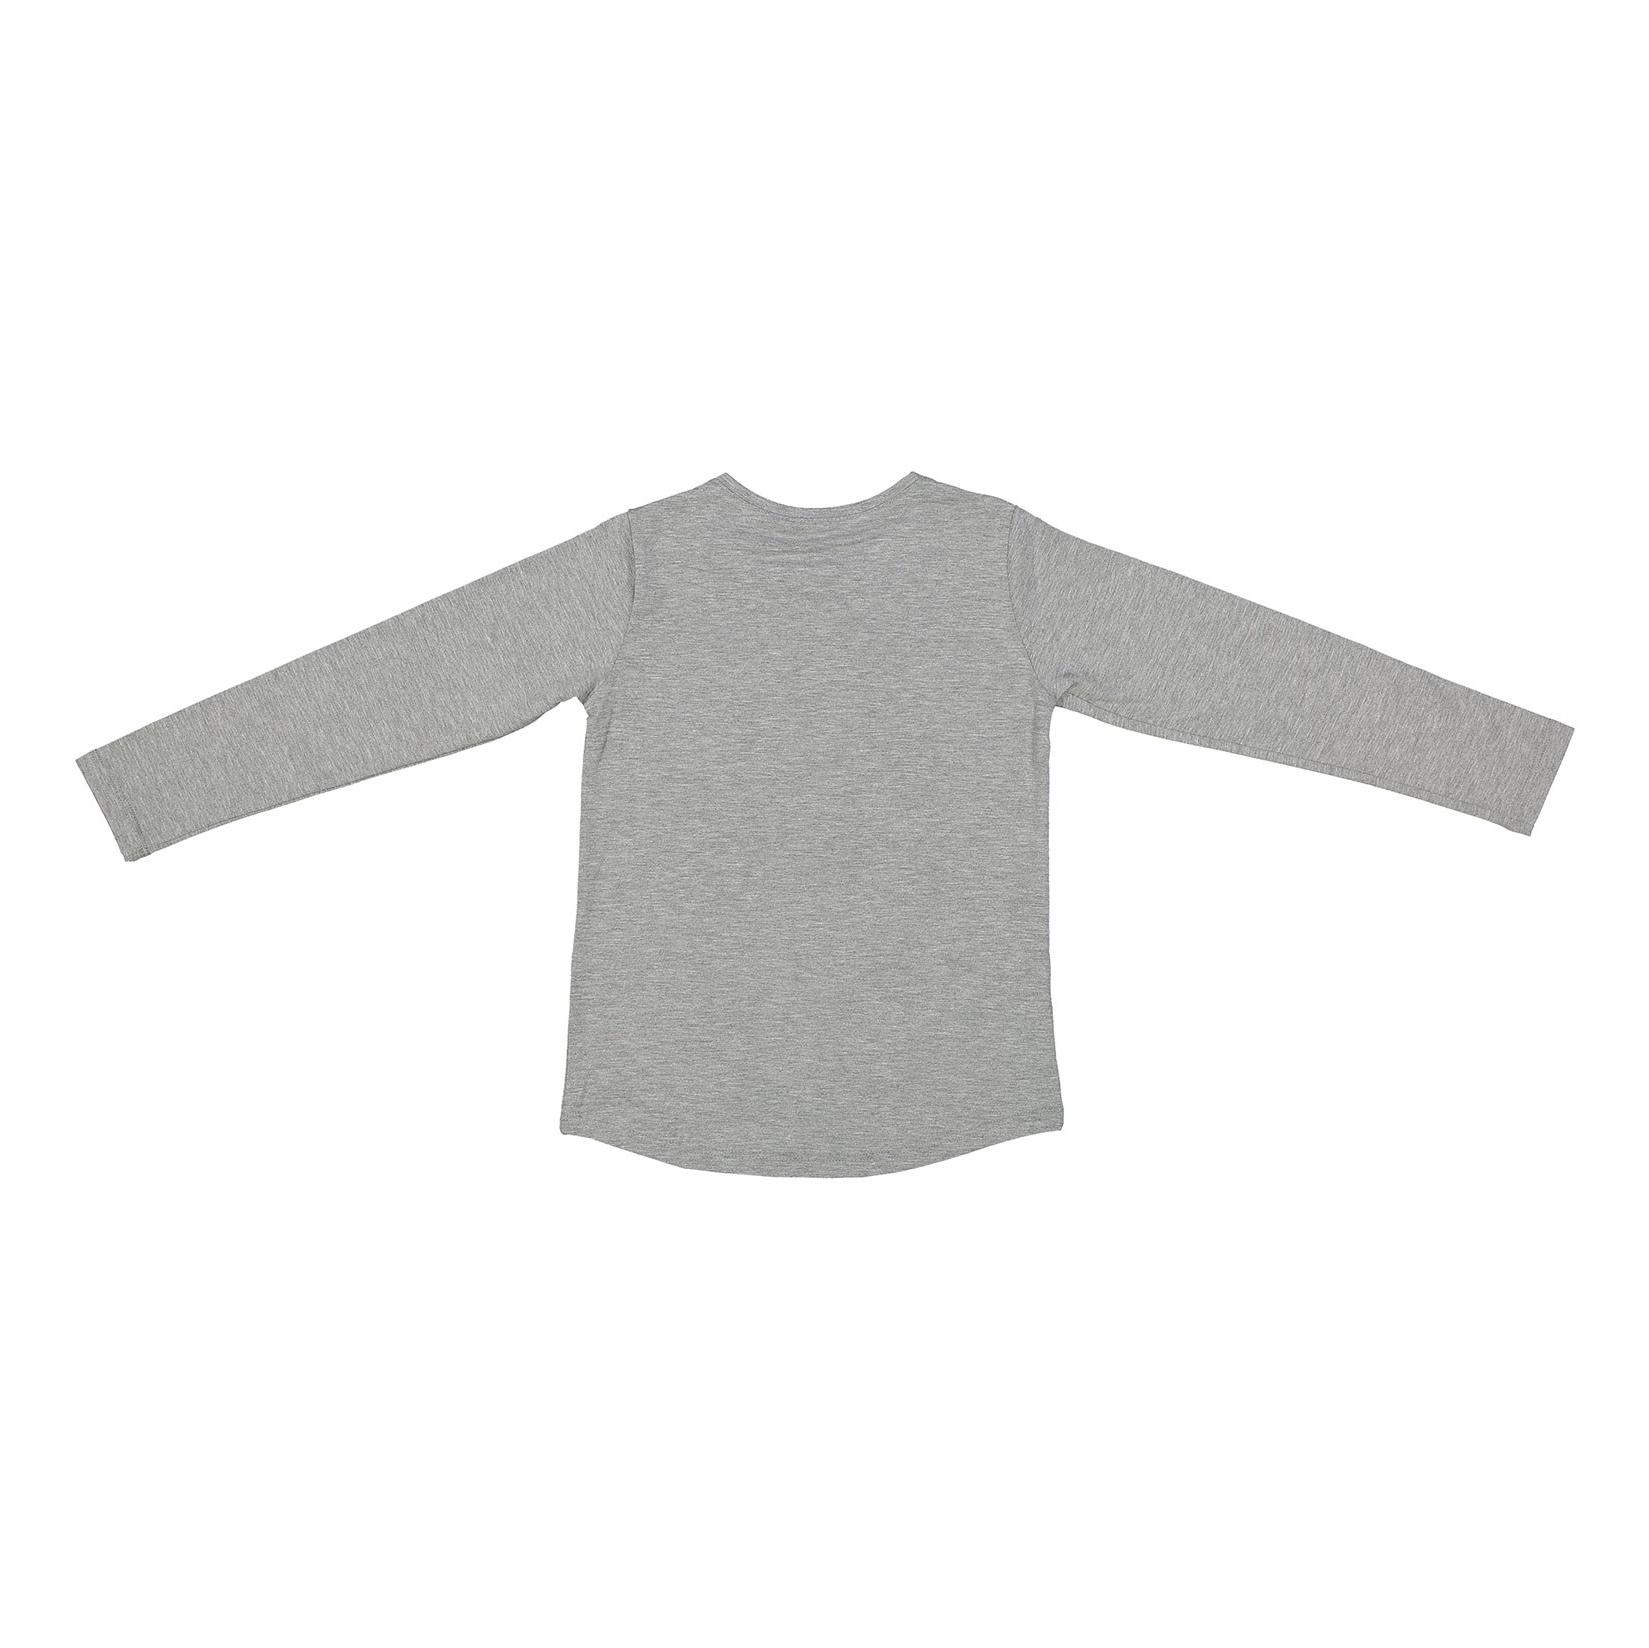 تی شرت و شلوار نخی دخترانه - پیانو - طوسي - 3